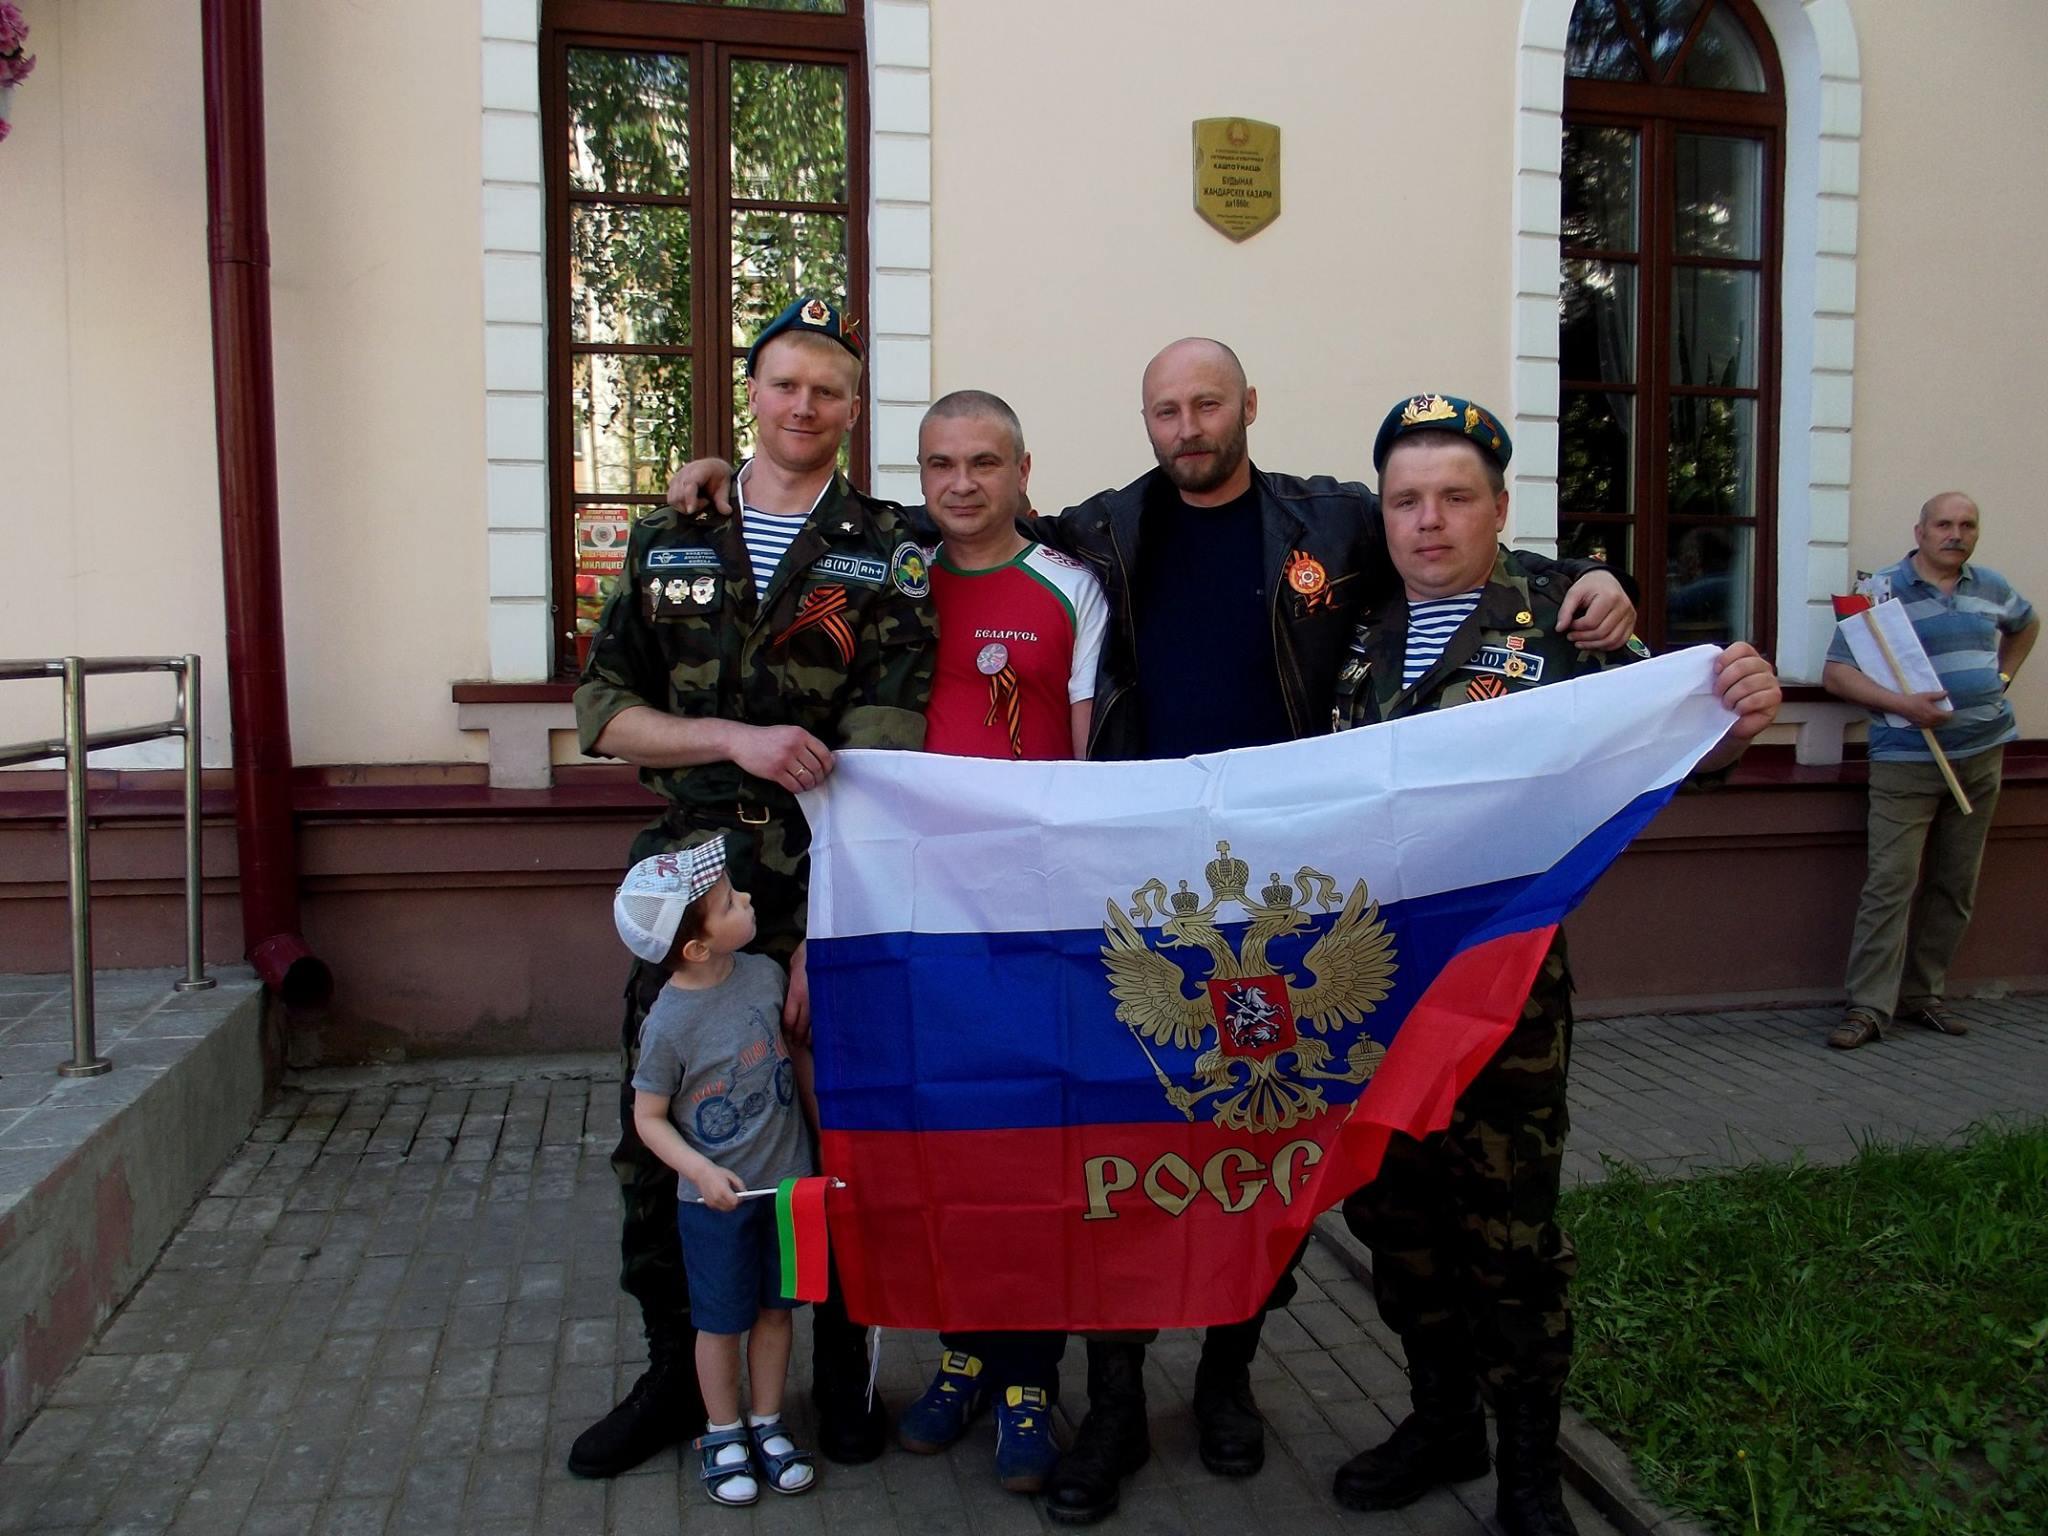 Экс-ваенны «рускамірац» у Магілёве: «Апушчаная БЧБ-мр*зь, вырашыла чымсьці напалохаць»